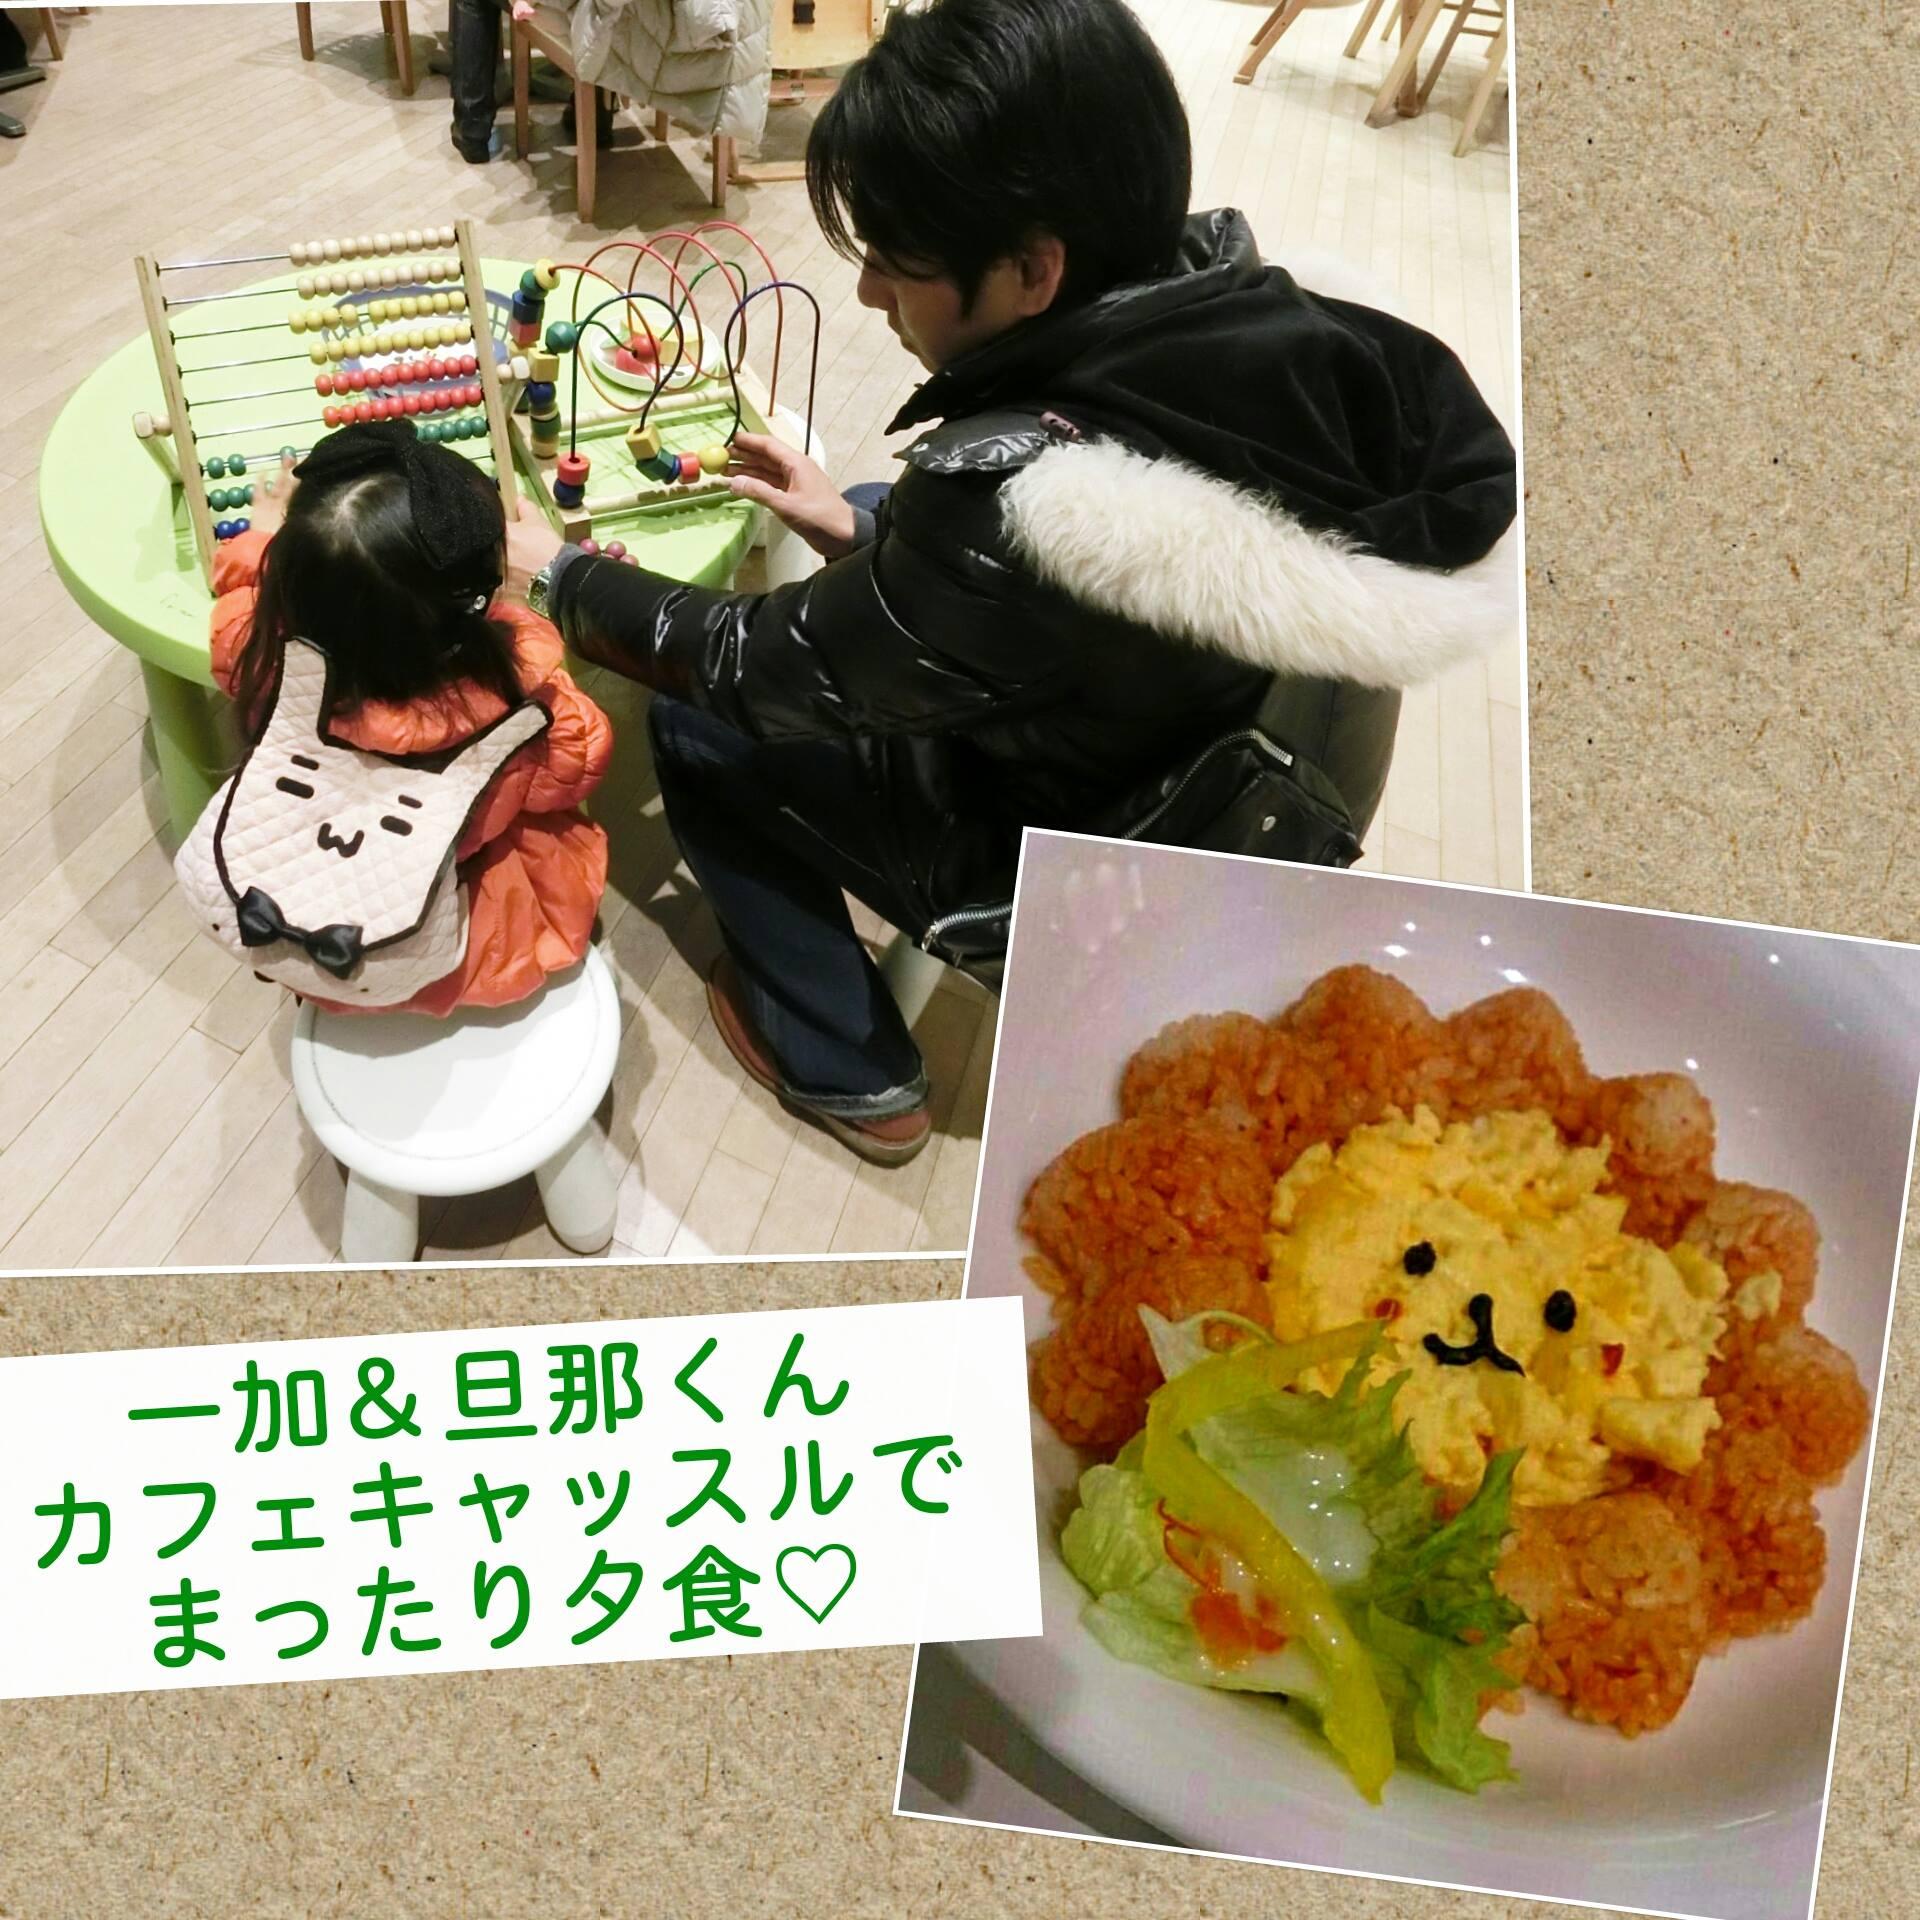 青劇ファイナル公演! 名倉先生の愛と祈り。_d0224894_5562012.jpg